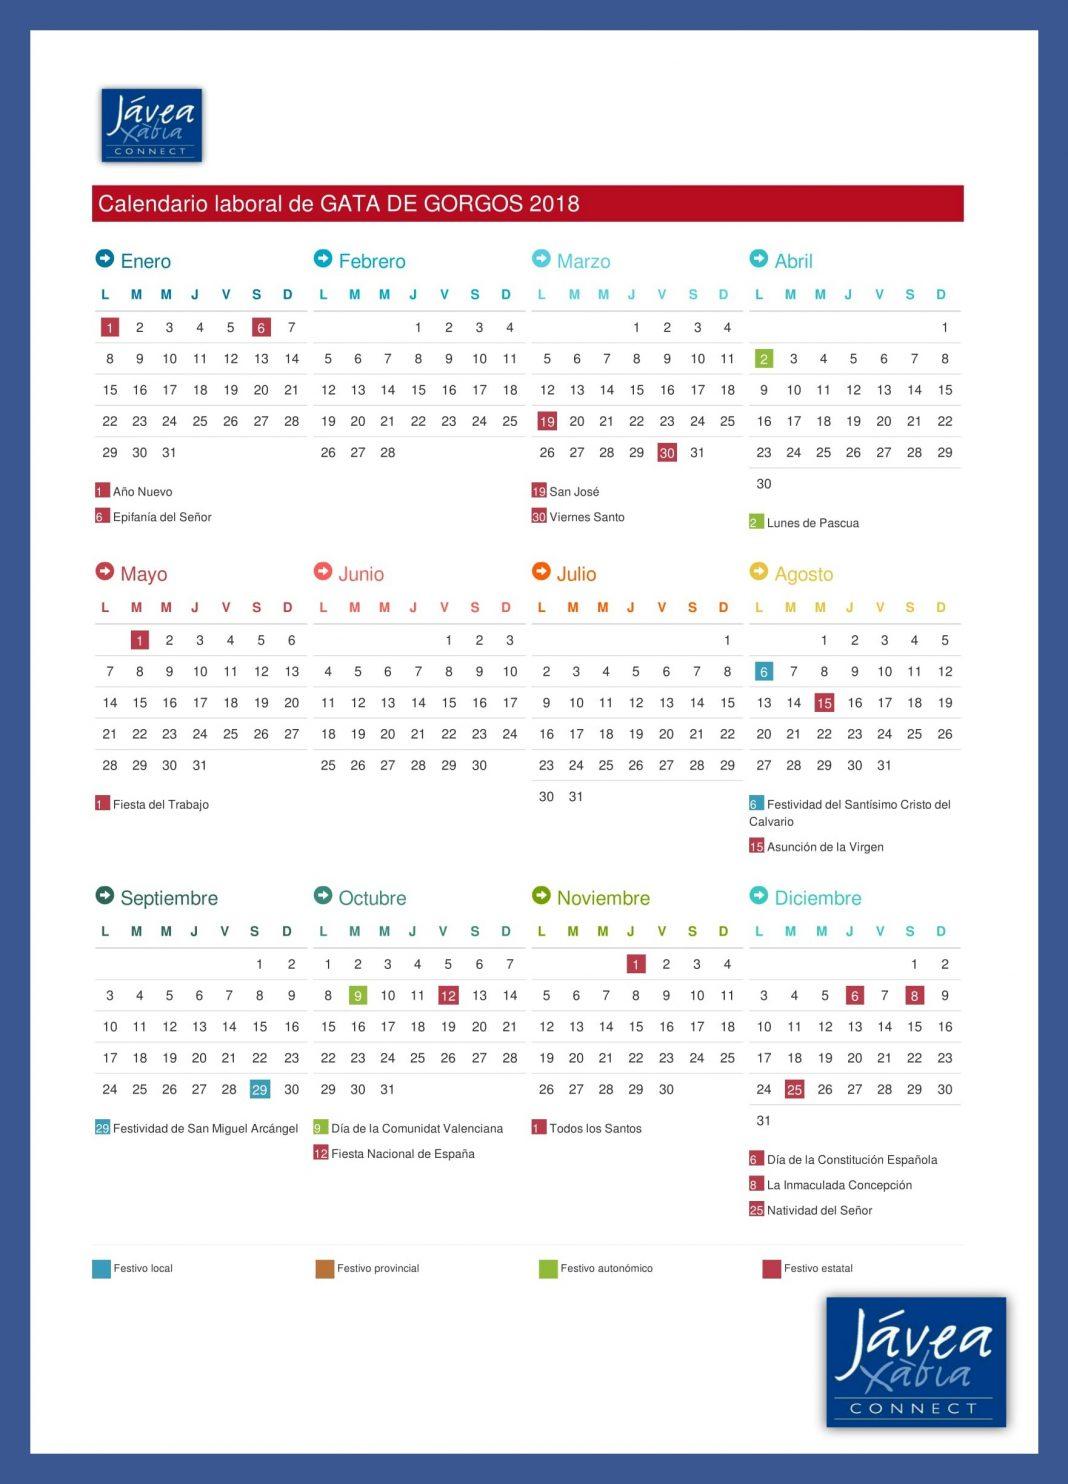 Calendario Laboral Javea 2020.2 0 104 31 89 204 Nonsgml Kigkonsult Se Icalcreator 2 26 9